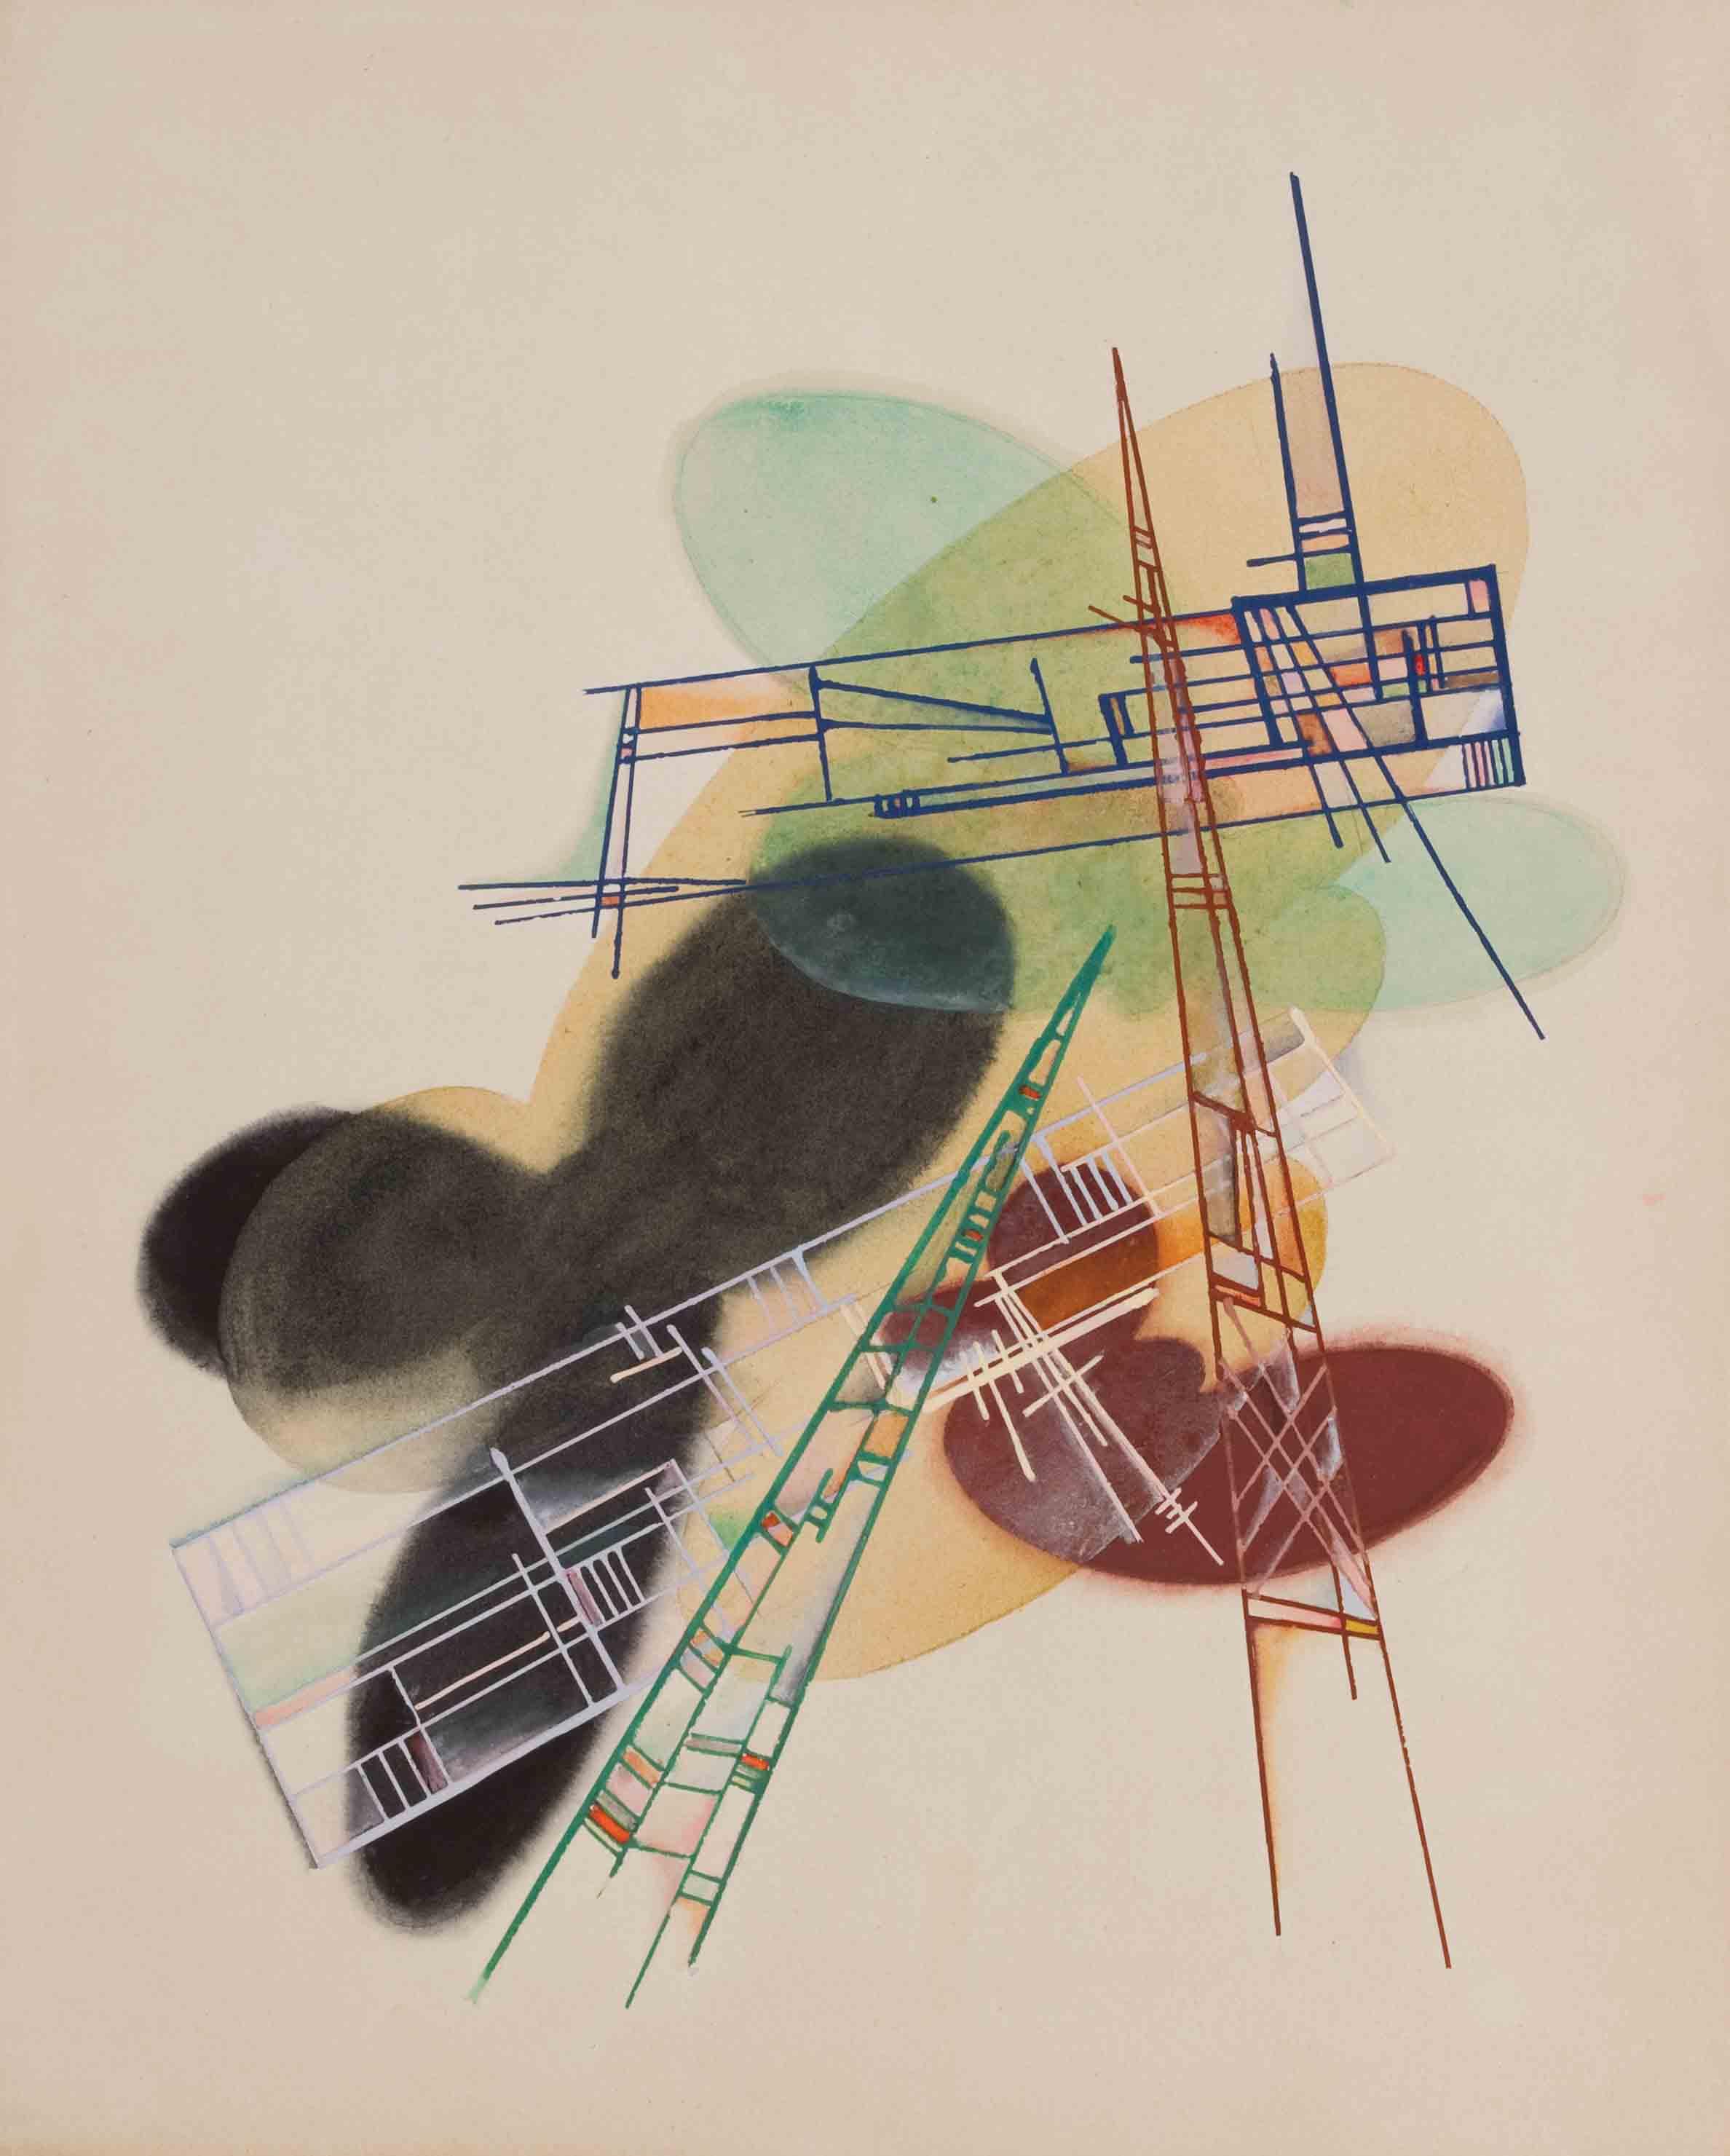 Untitled from the series Aristografiya, mid 1920s - Yakov Chernikhov